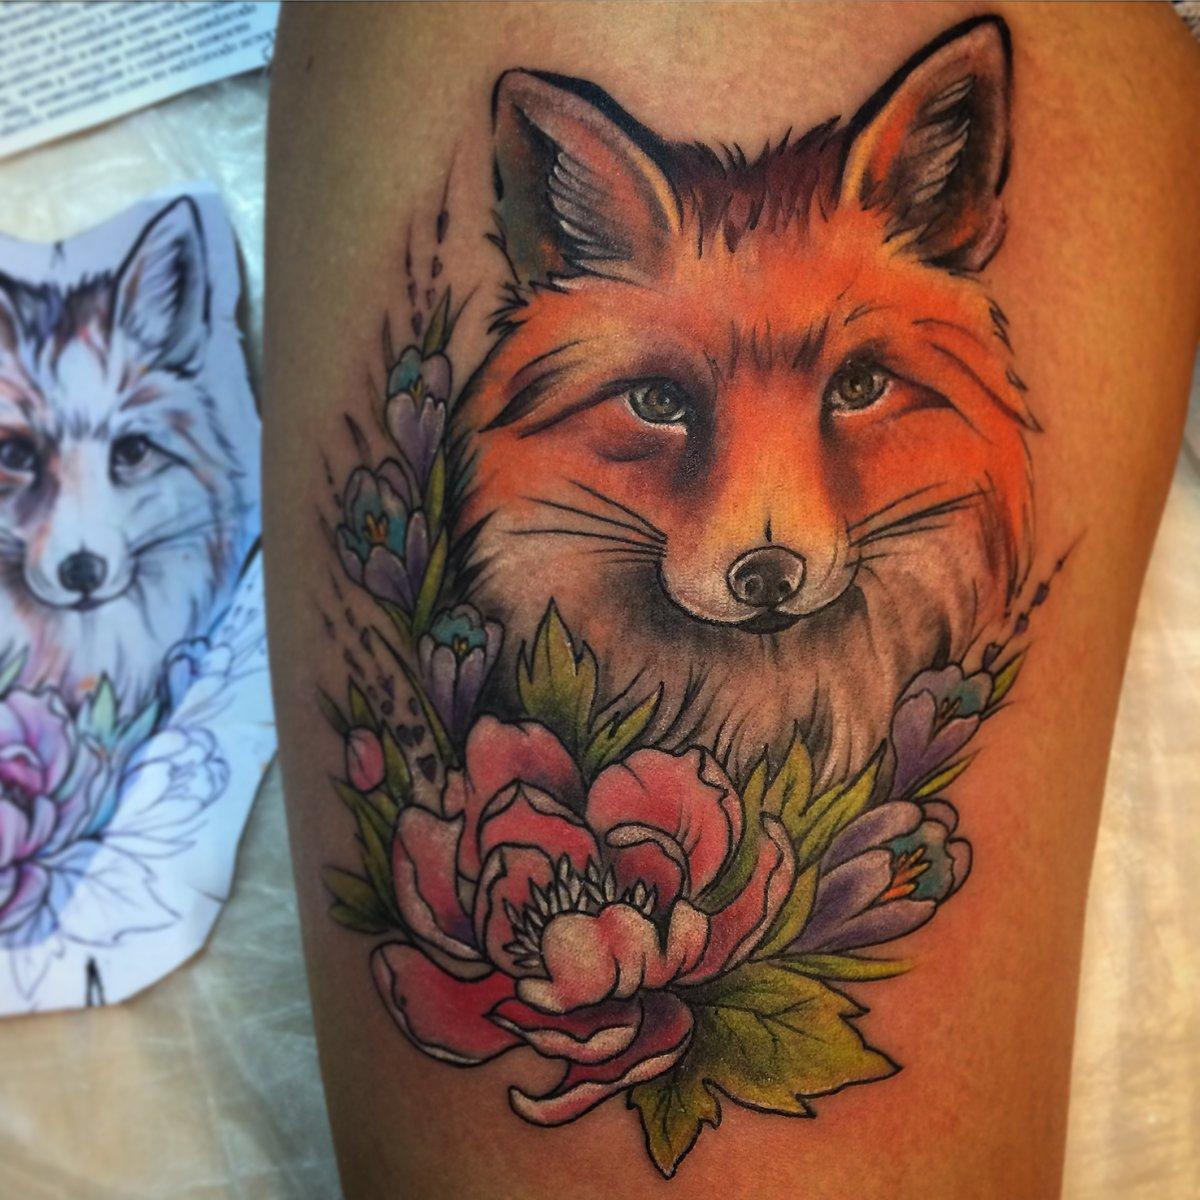 Значение тату лиса - Татуировки и их значение 890